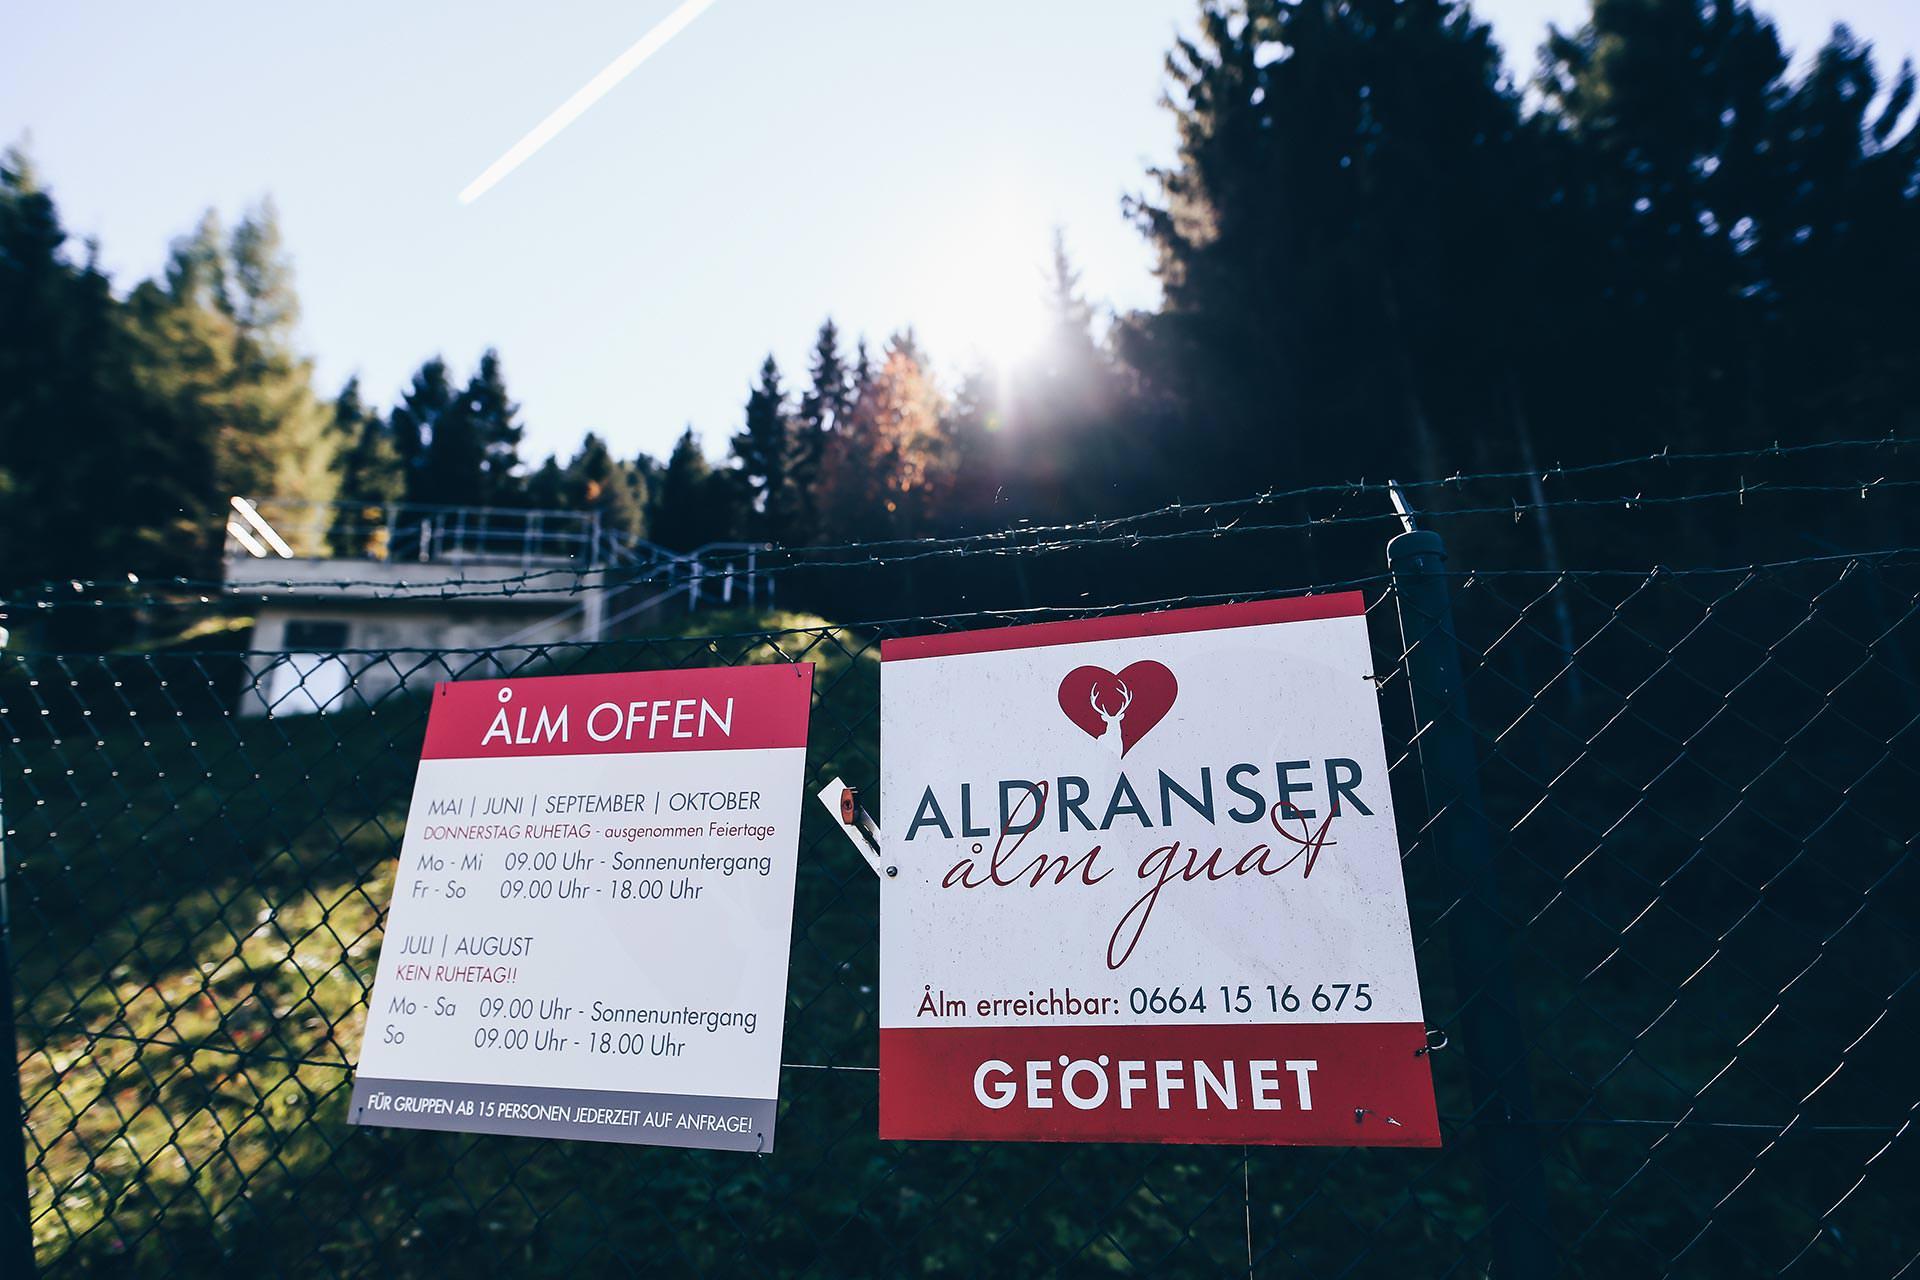 Aldranser Alm, Wandern mit Hund in Tirol, Hundeblog, Wanderblog, Naturblog, Öffnungszeiten, Gehzeit, Erfahrungen, Mountainbiker, Style Blog, www.whoismocca.com